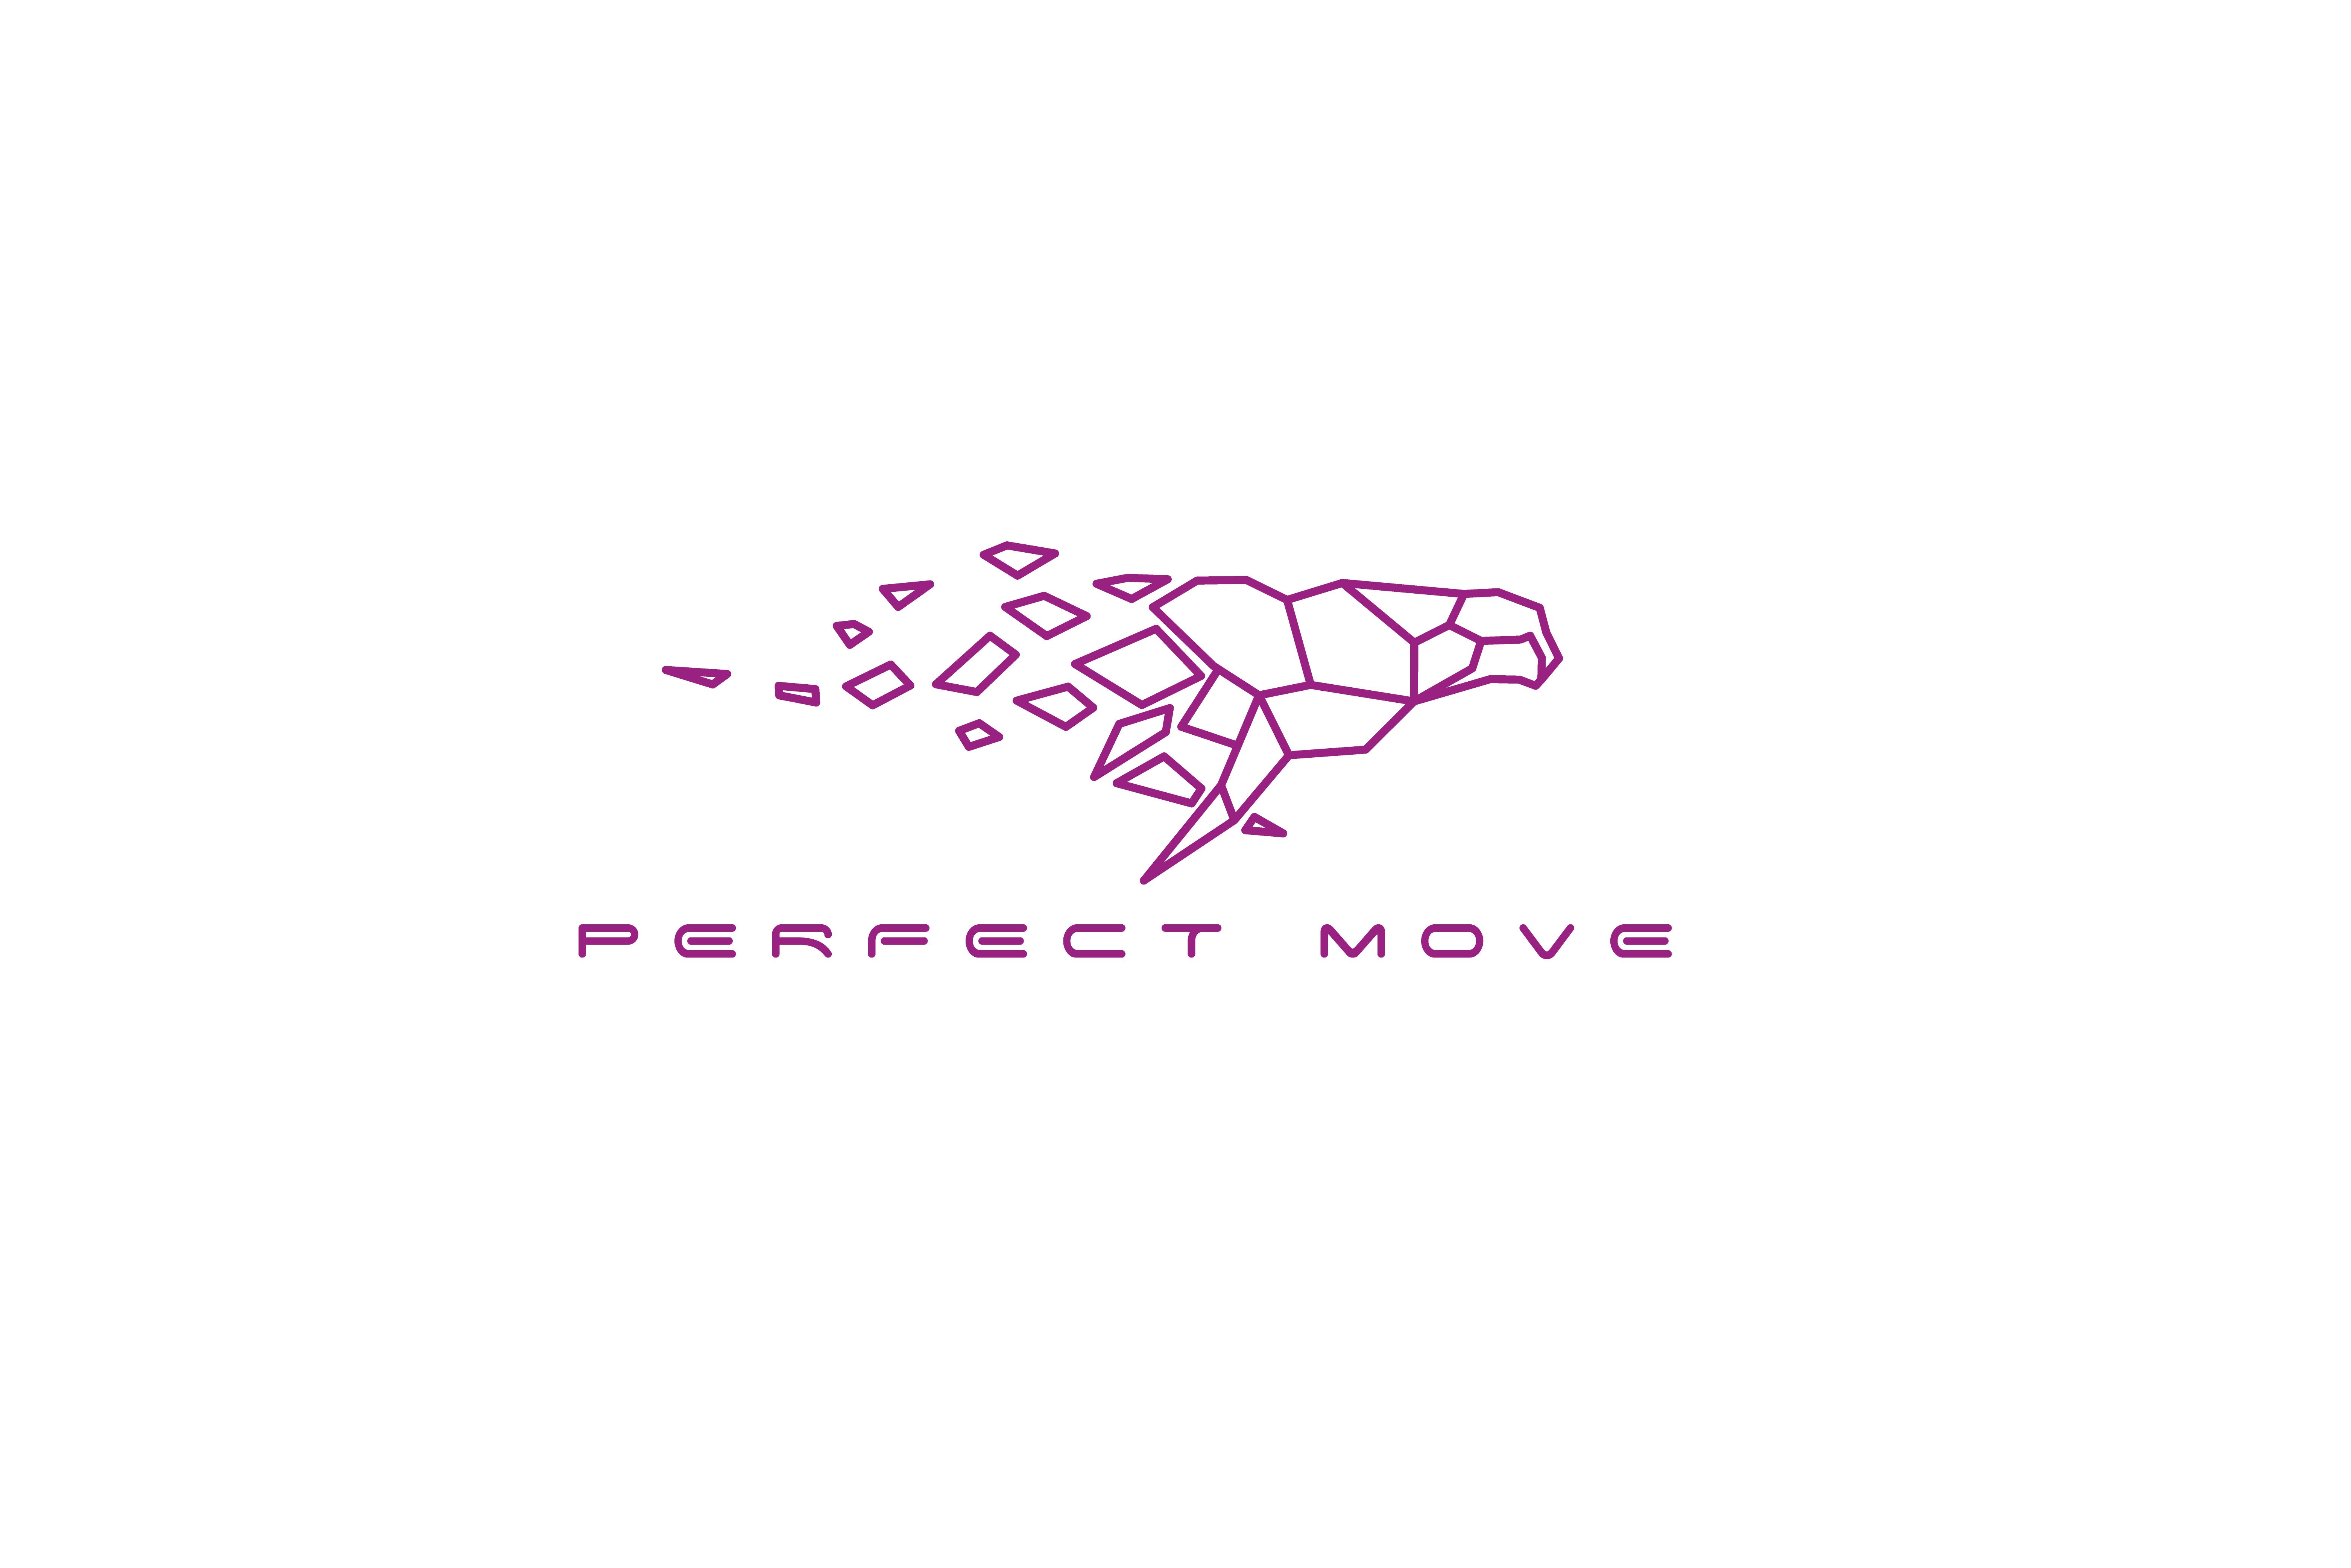 Perfect move logo 01